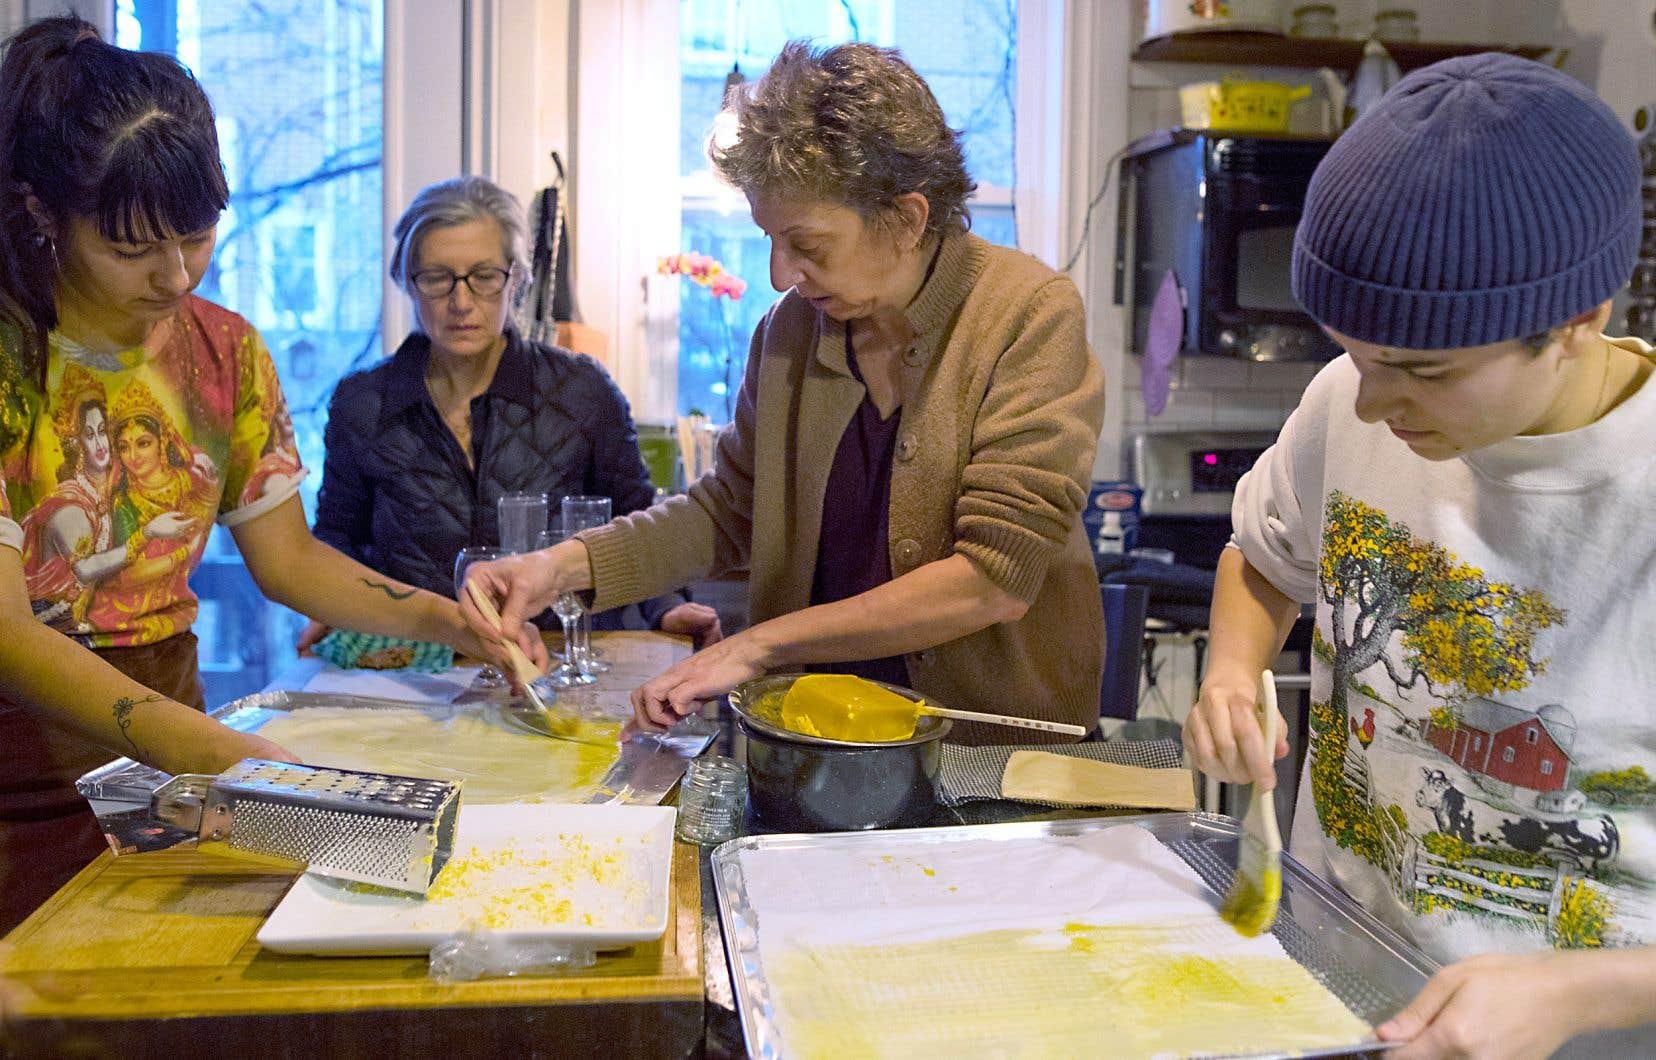 Les lutins lutinent avec la cire d'abeille. Camille Barrantes, Nicole Turcotte, Zoomba Létourneau et Léa Castonguay font de la contamination positive, une pellicule alimentaire à la fois.